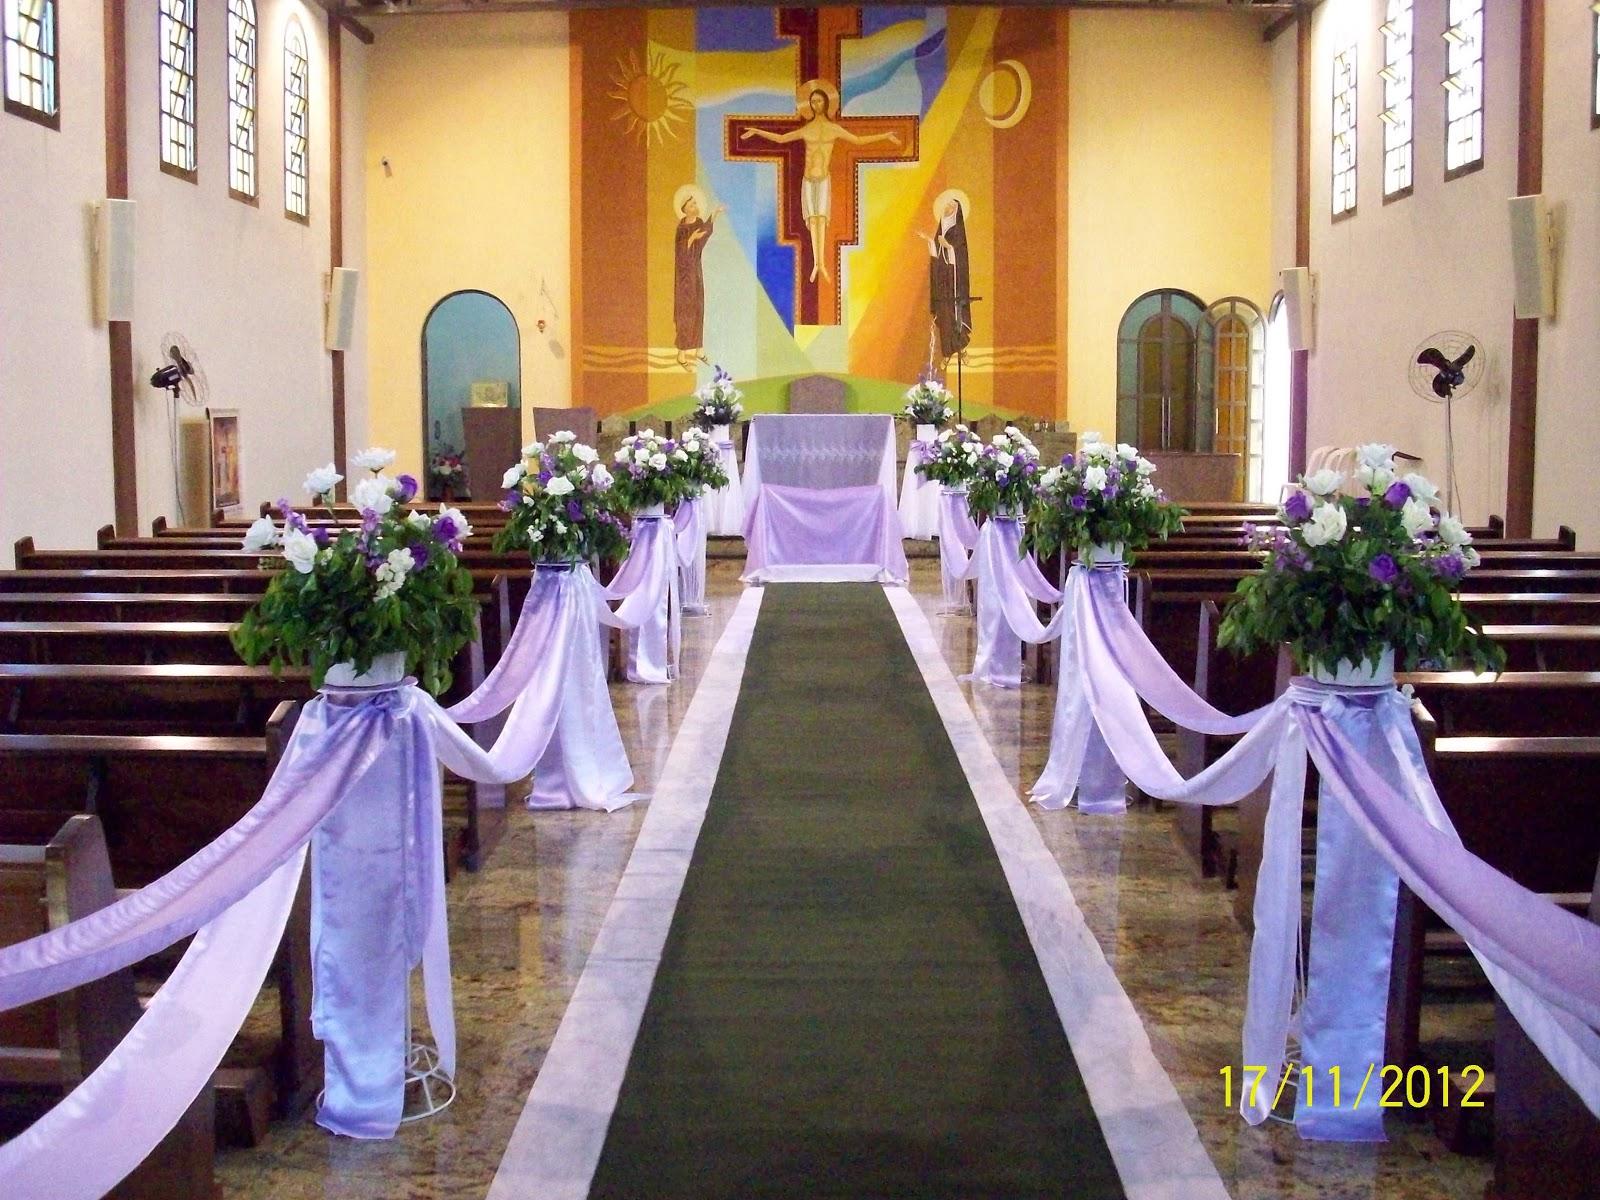 Decoração de corredor de igreja em lilás com flores artificiais